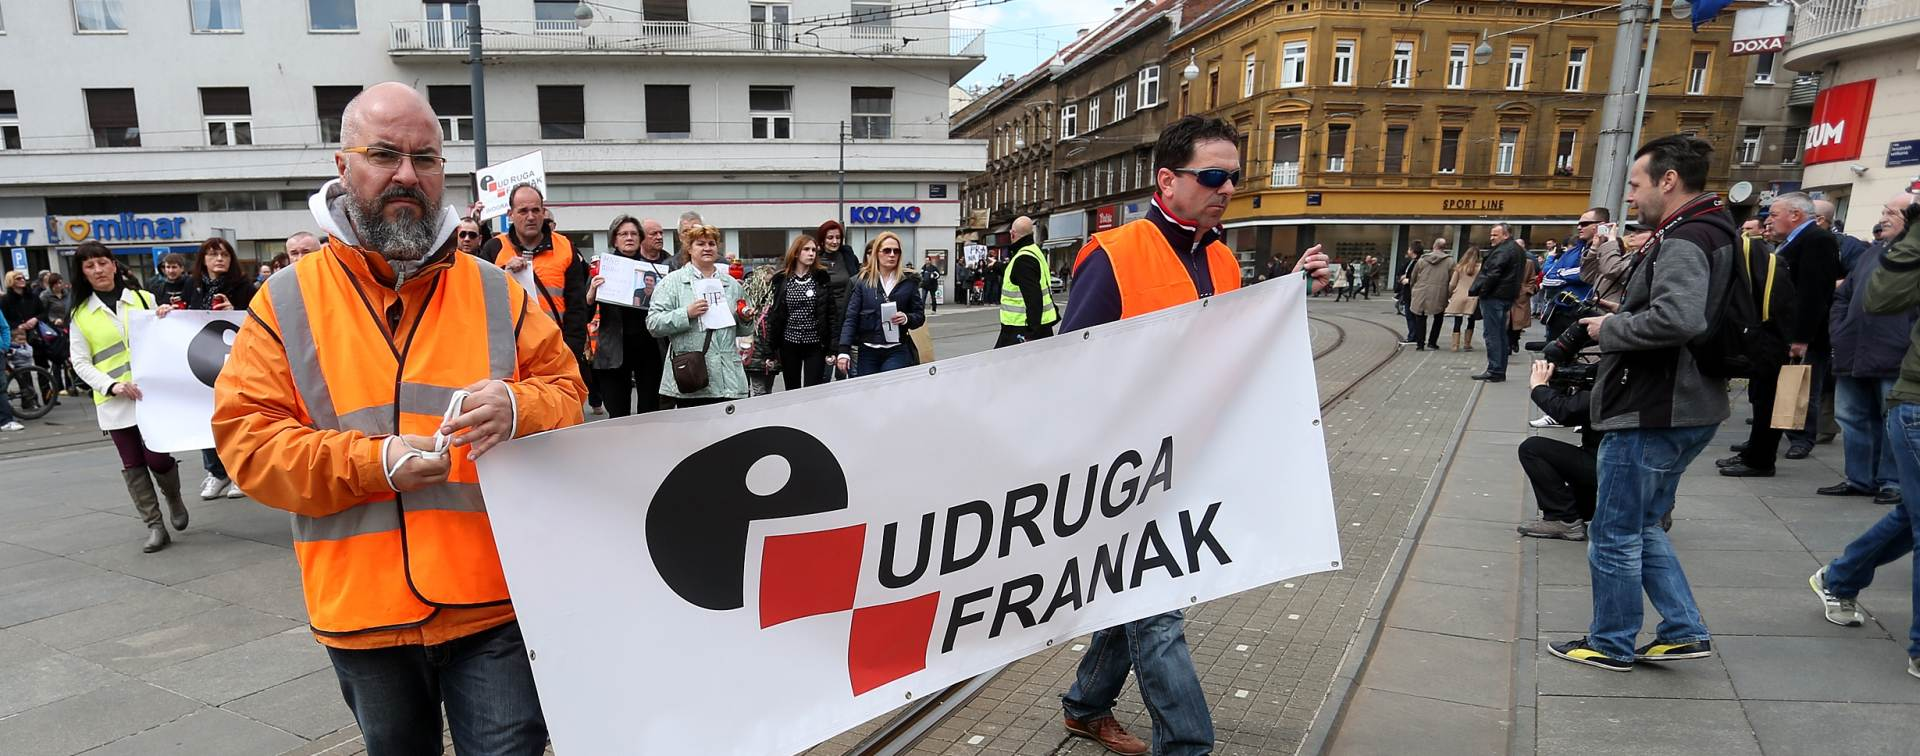 ISPRED HNB-a: Počelo okupljanje prosvjednika iz Udruge Franak